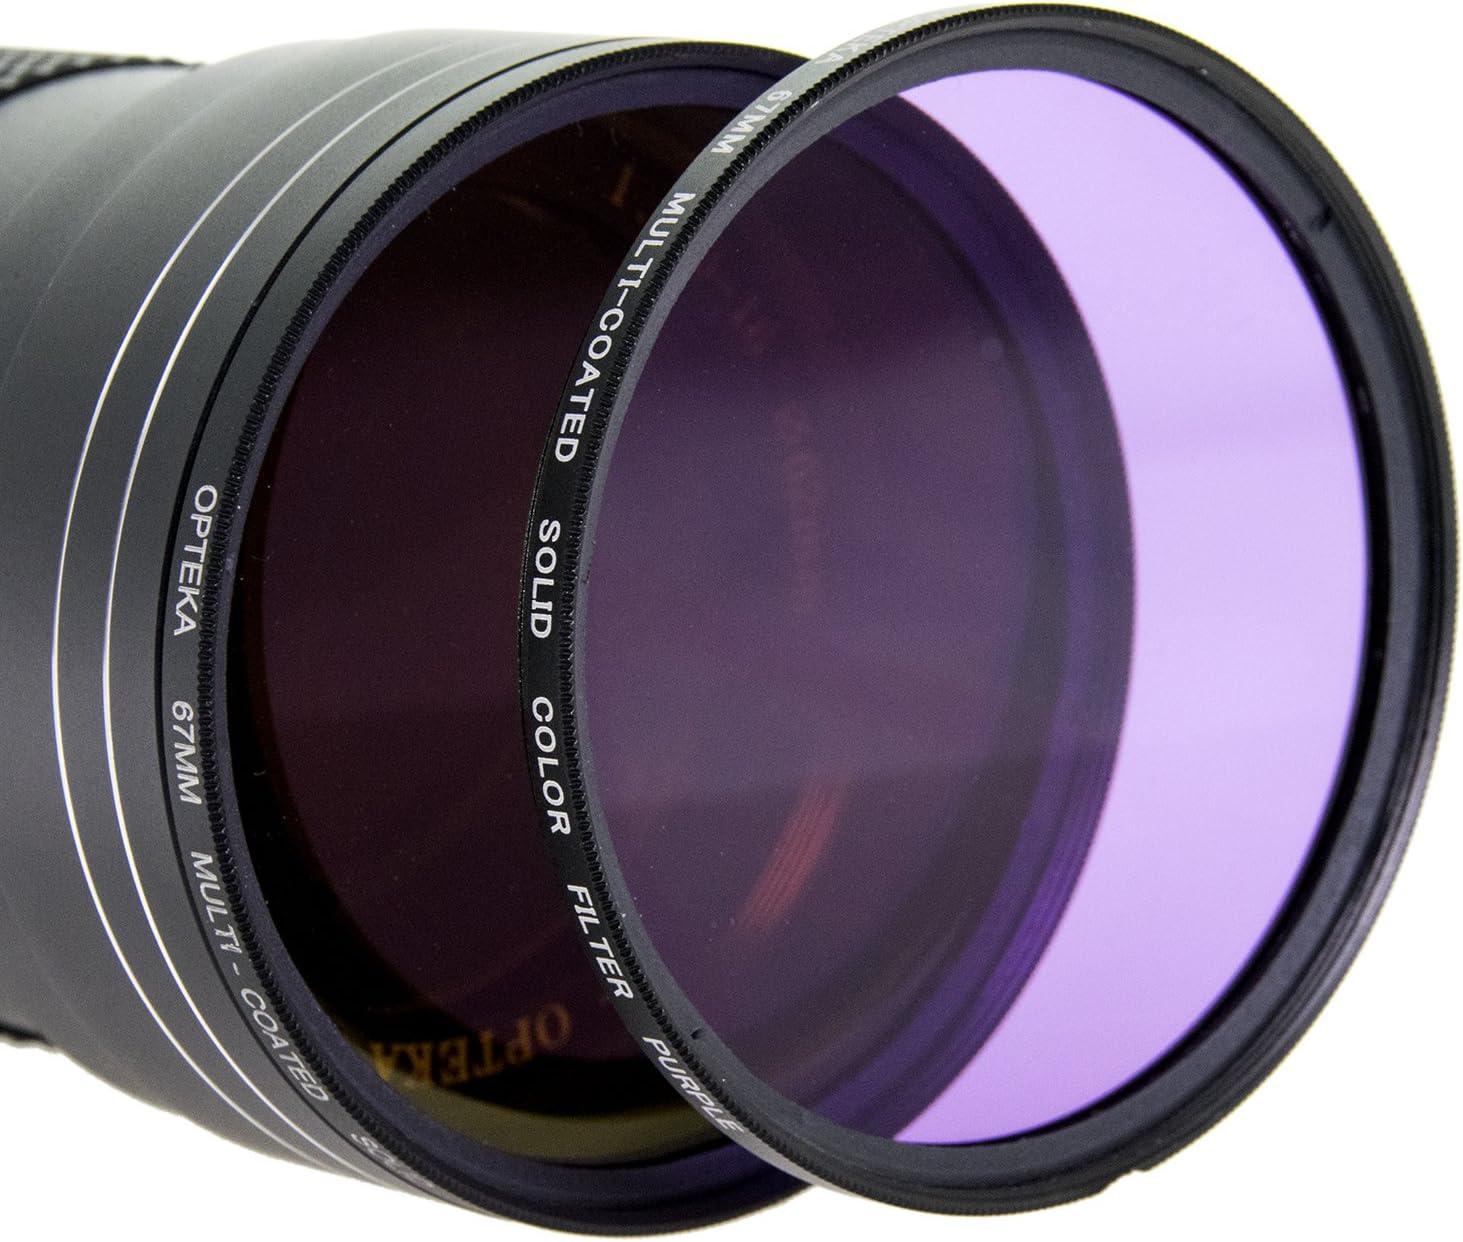 Opteka HD Multicoated Solid Color Filter Kit for Canon EOS 70D T6i T3 T4i T6s 60D Fits 52mm and 58mm Threads T5 T5i T2i and SL1 Digital SLR Cameras 5DS 7D 50D 1Ds T3i 6D 5D